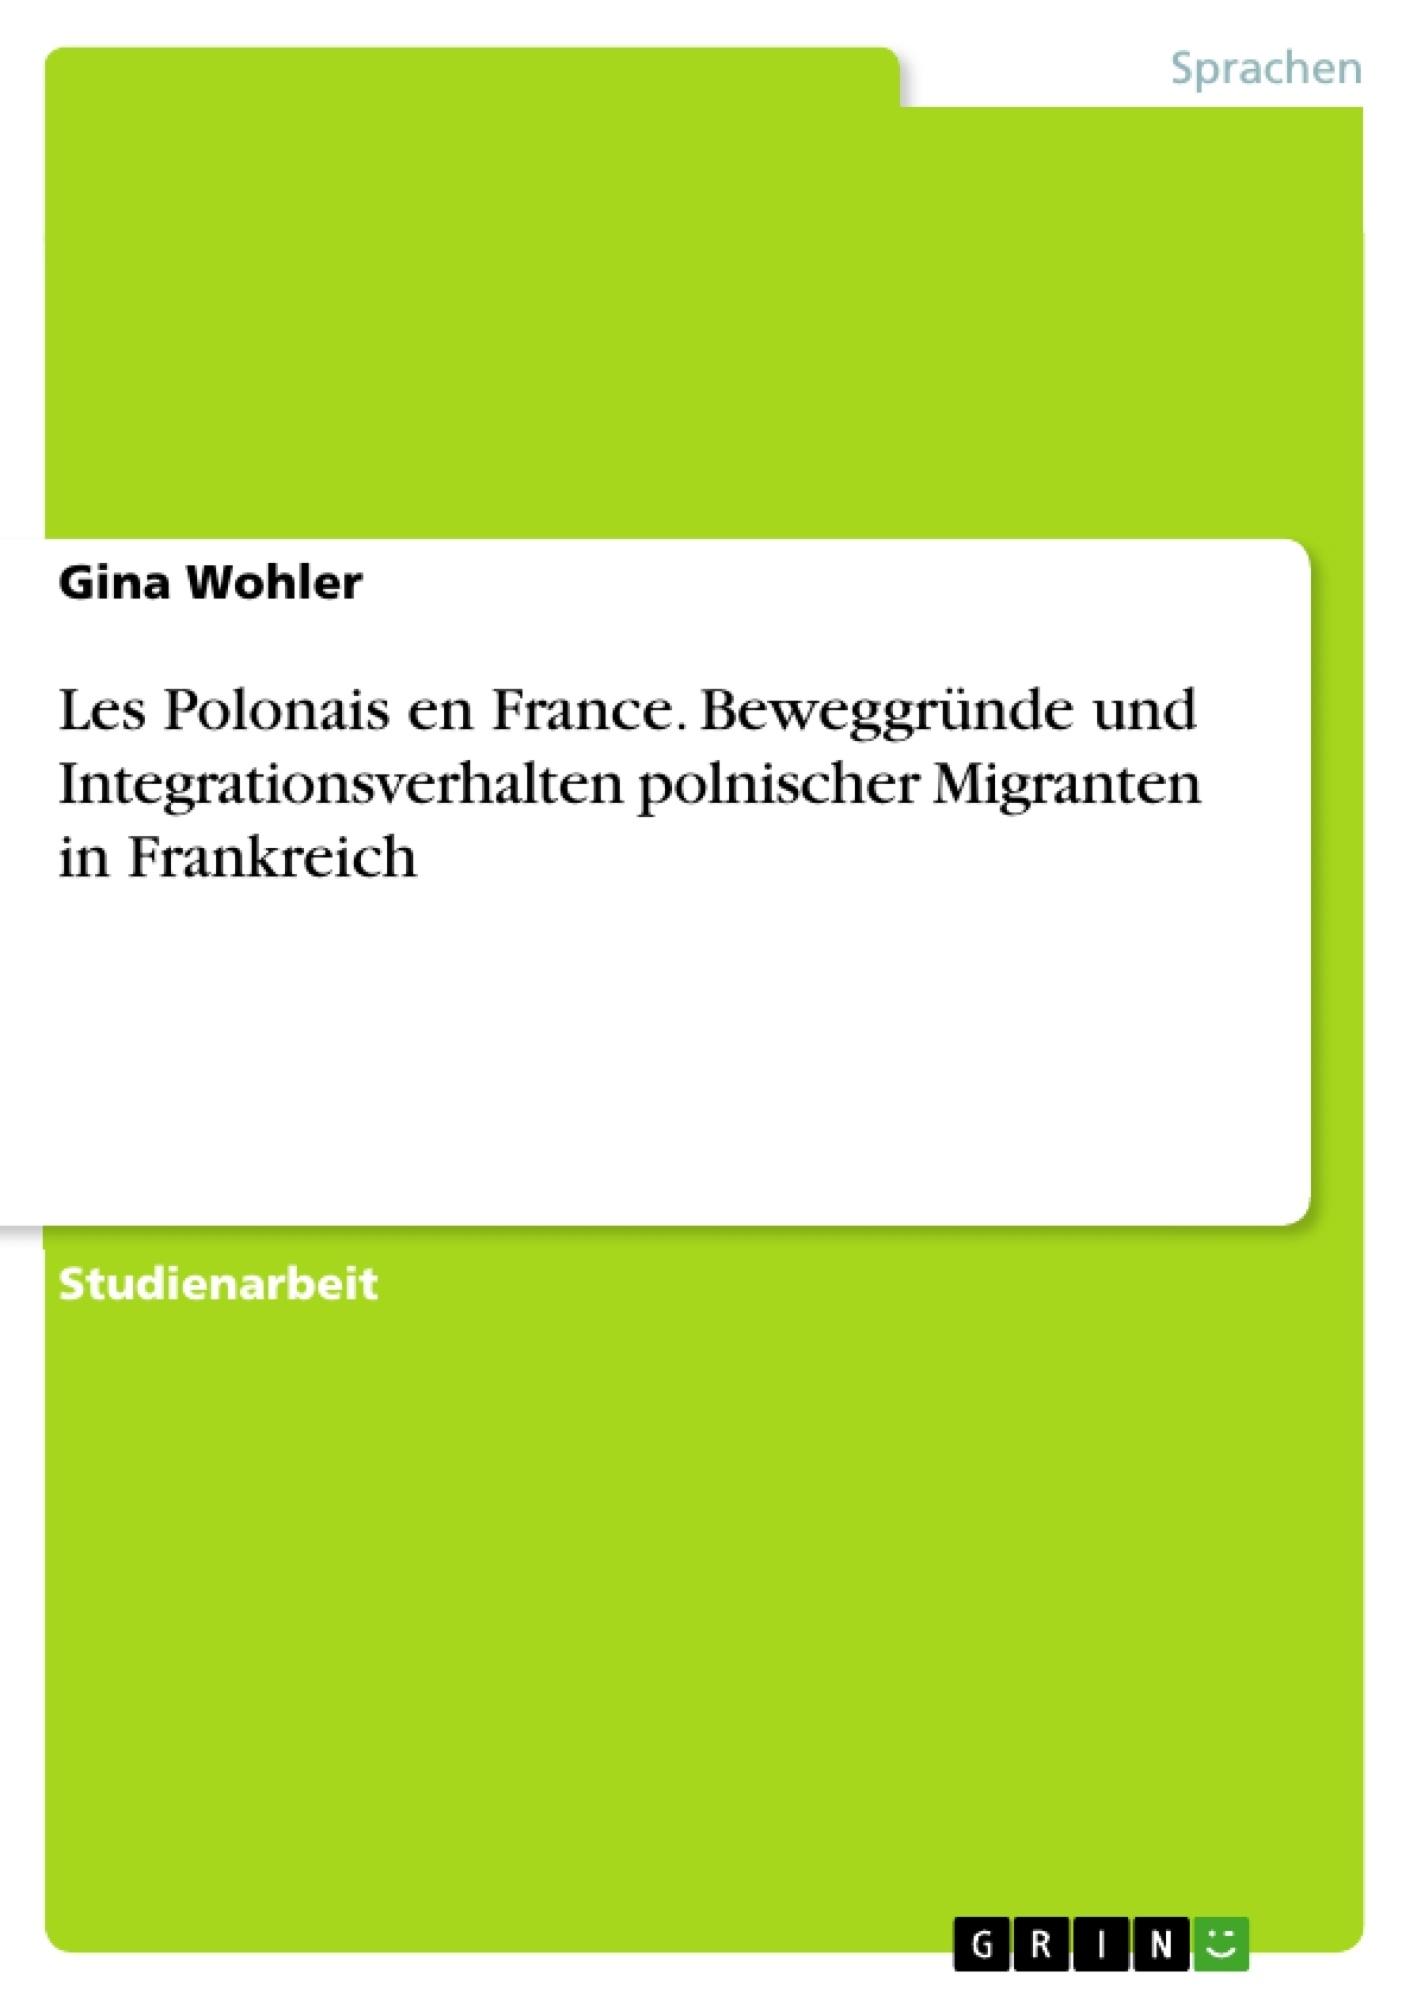 Titel: Les Polonais en France. Beweggründe und Integrationsverhalten polnischer Migranten in Frankreich